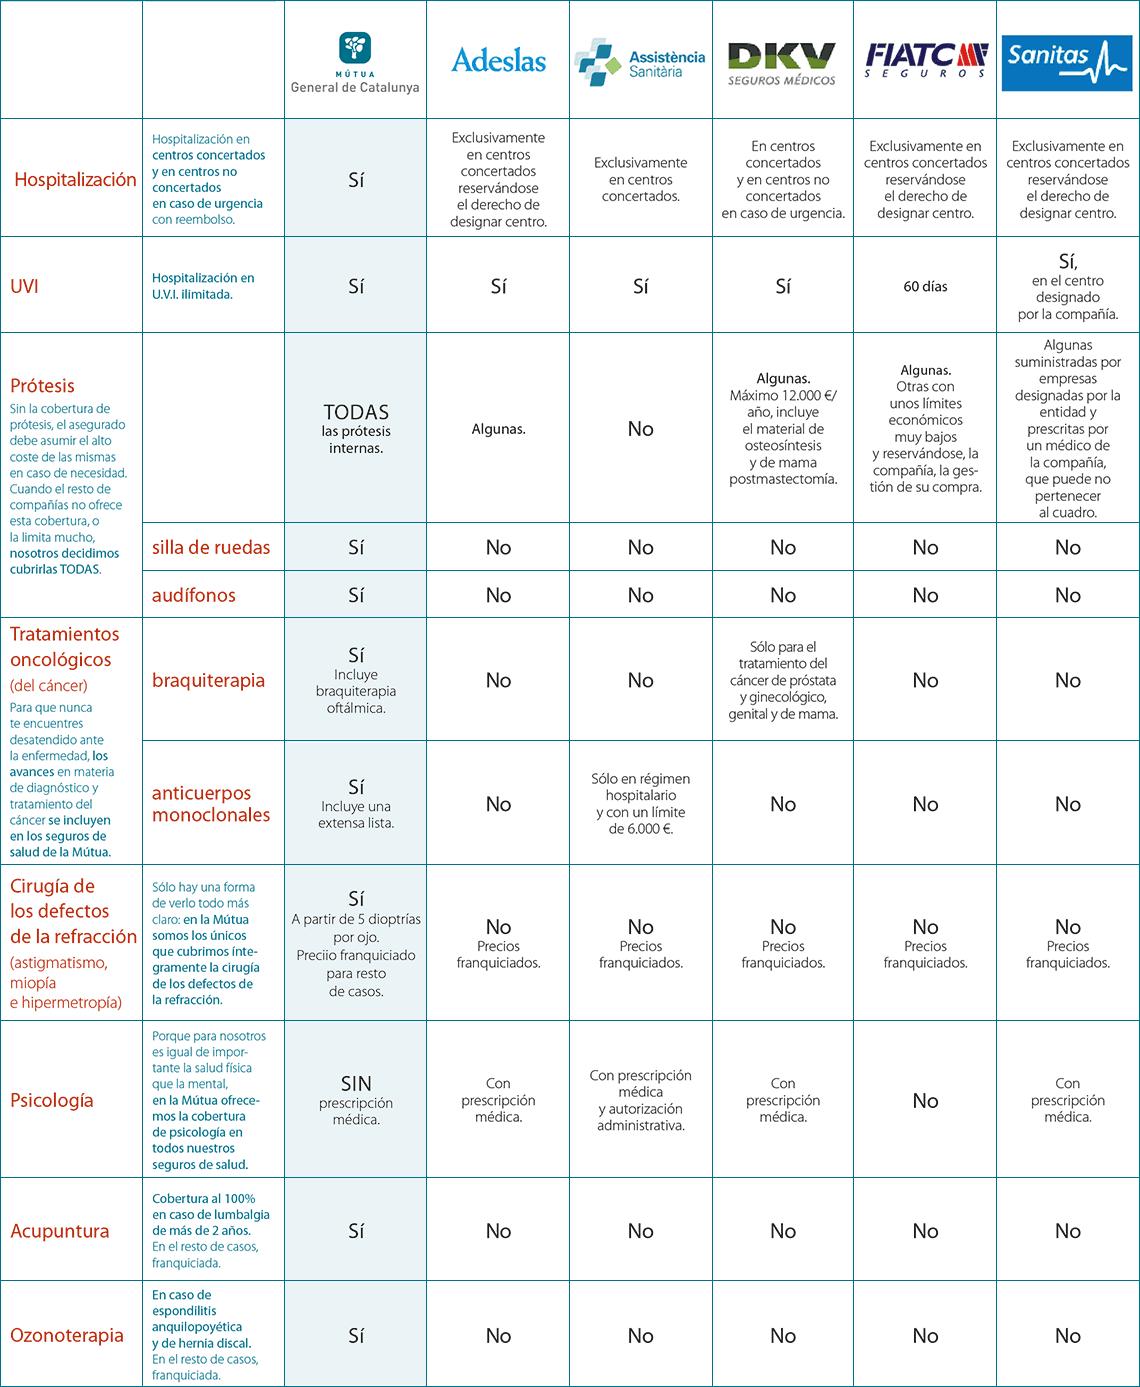 Ranking aseguradoras de salud